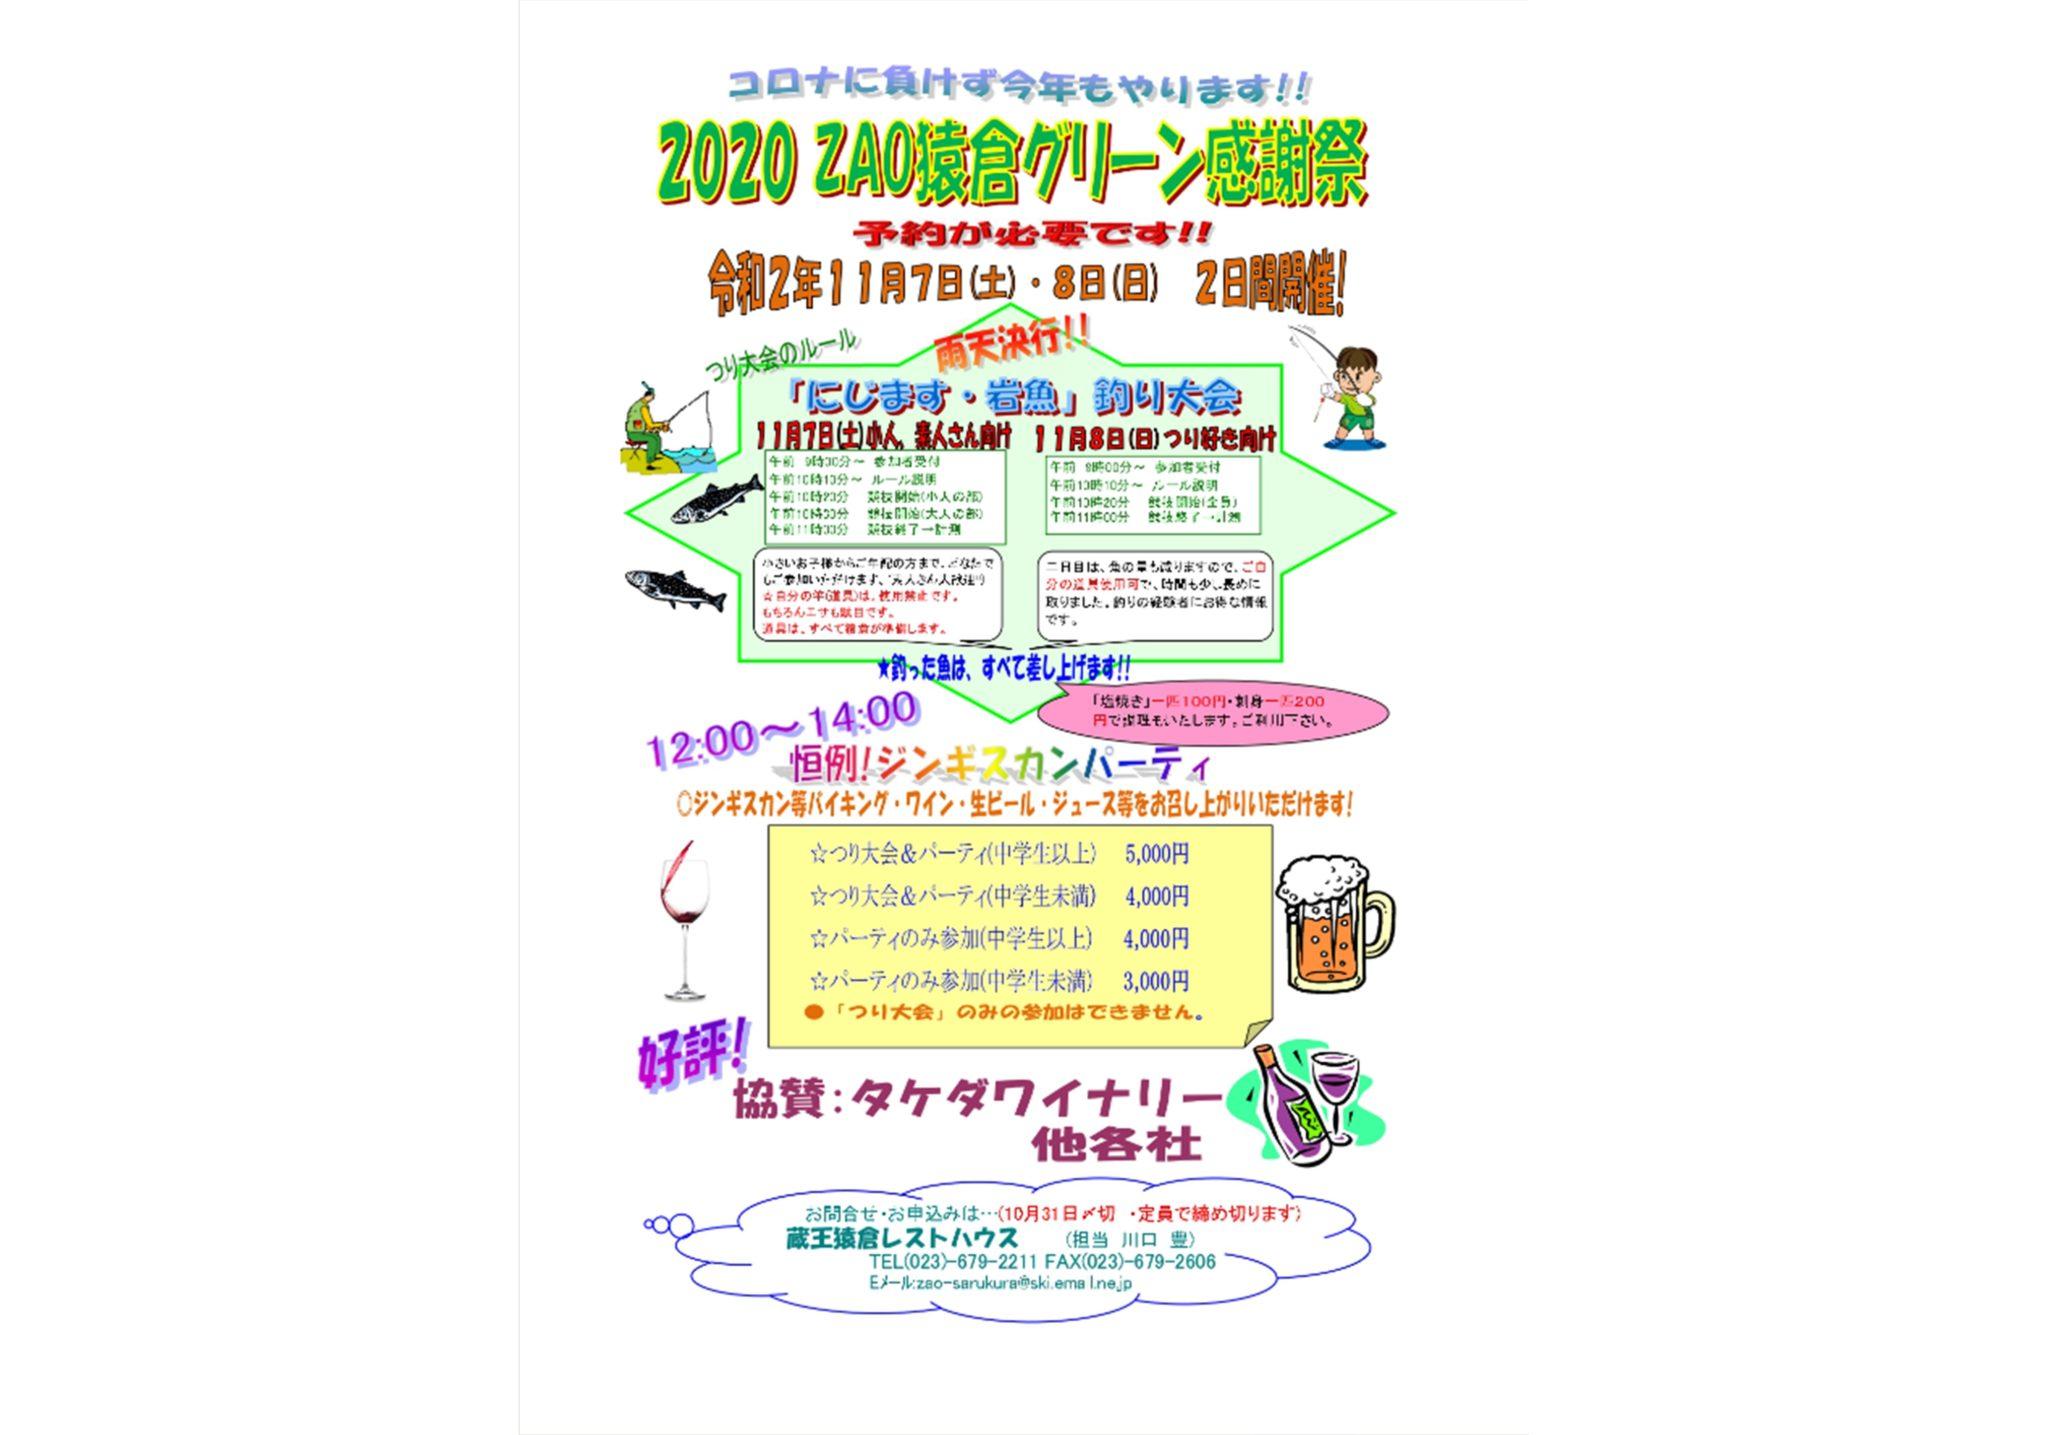 2020 ZAO猿倉グリーン感謝祭